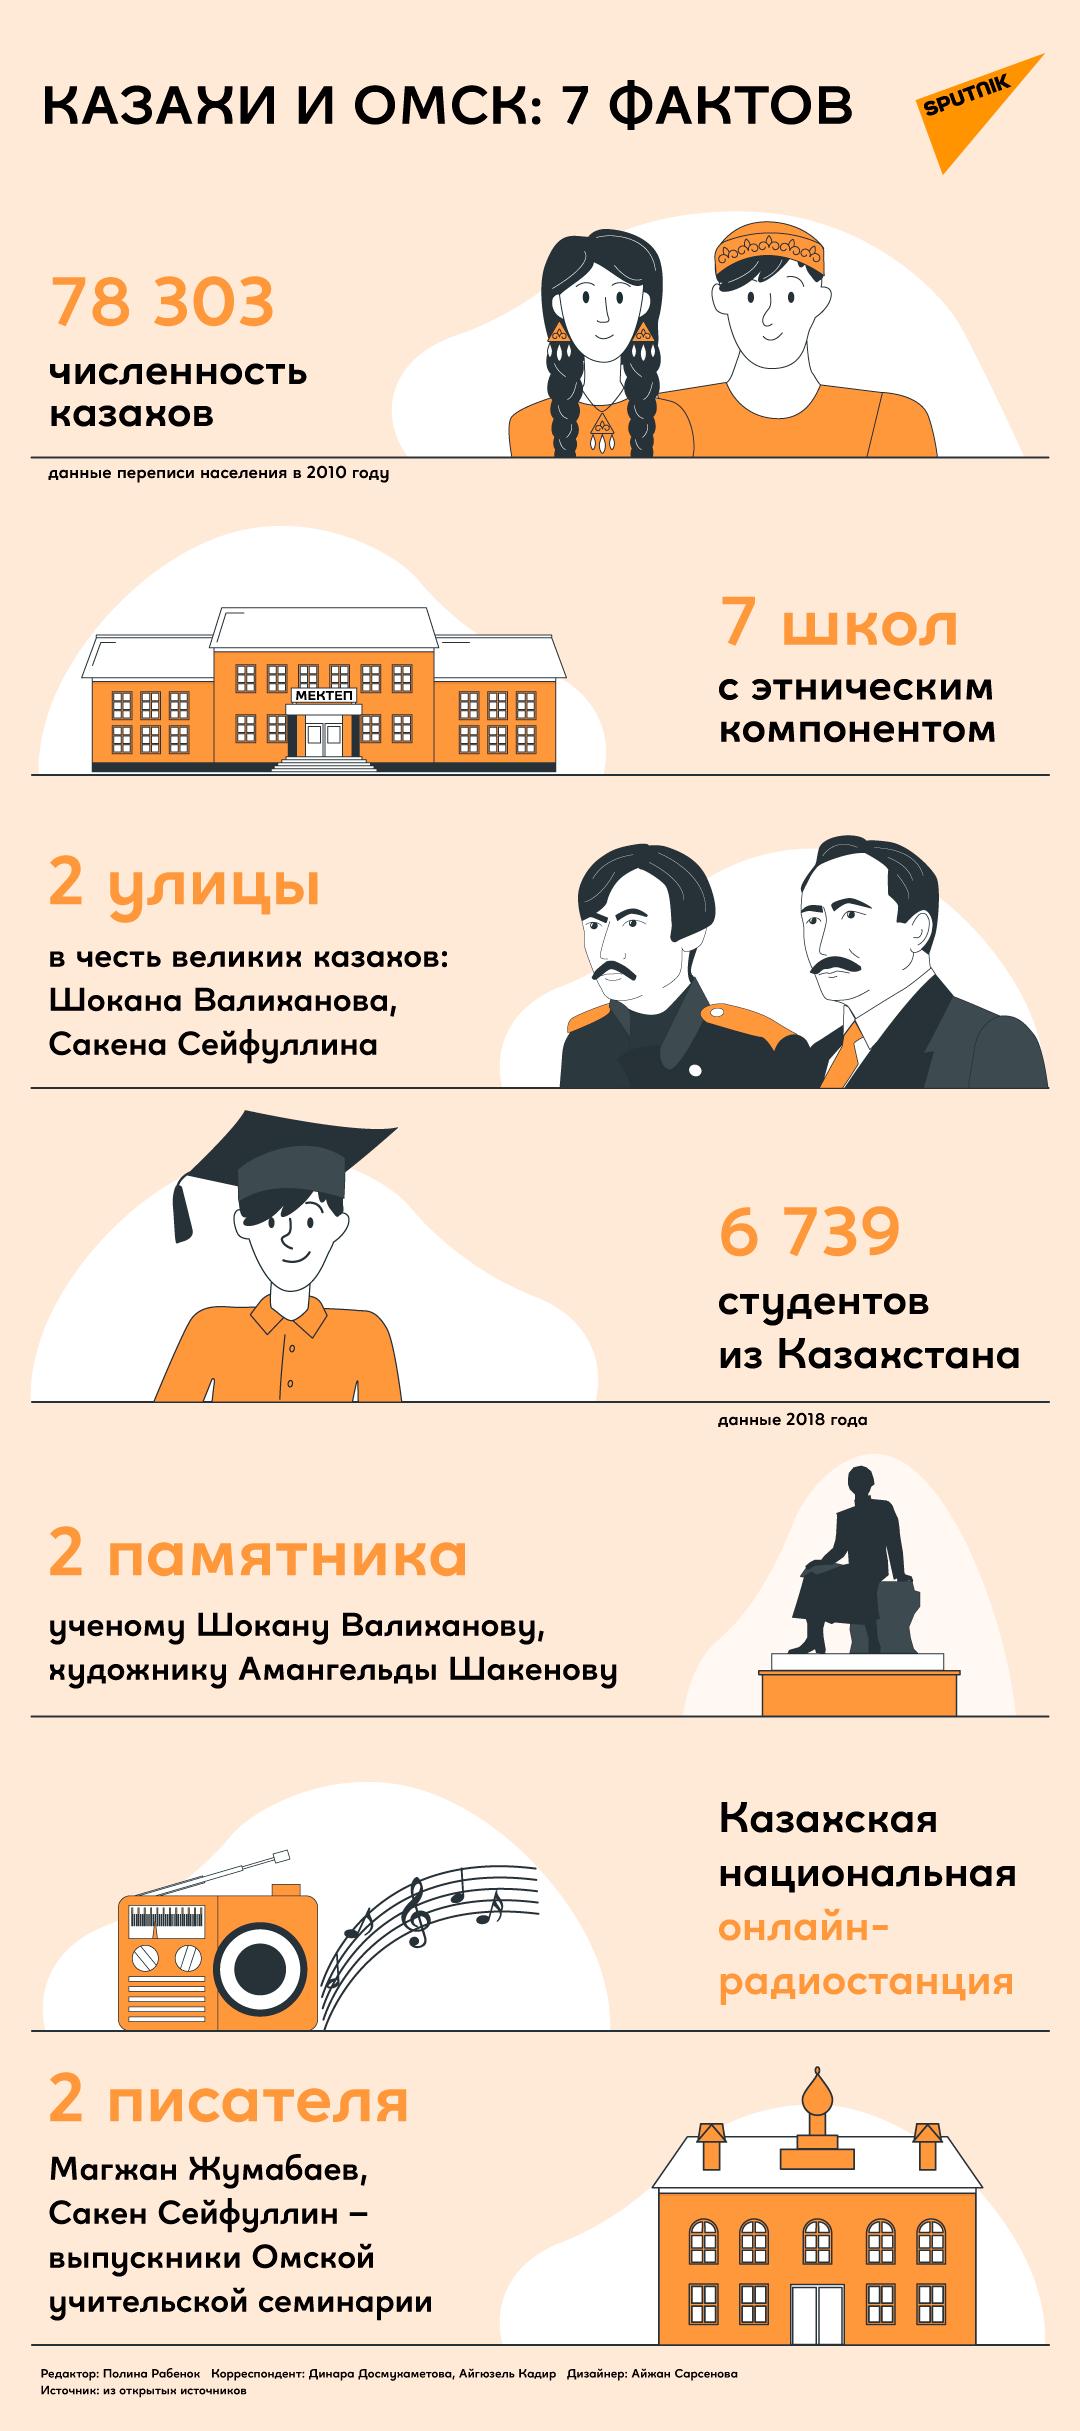 Факты о казахах в Омске